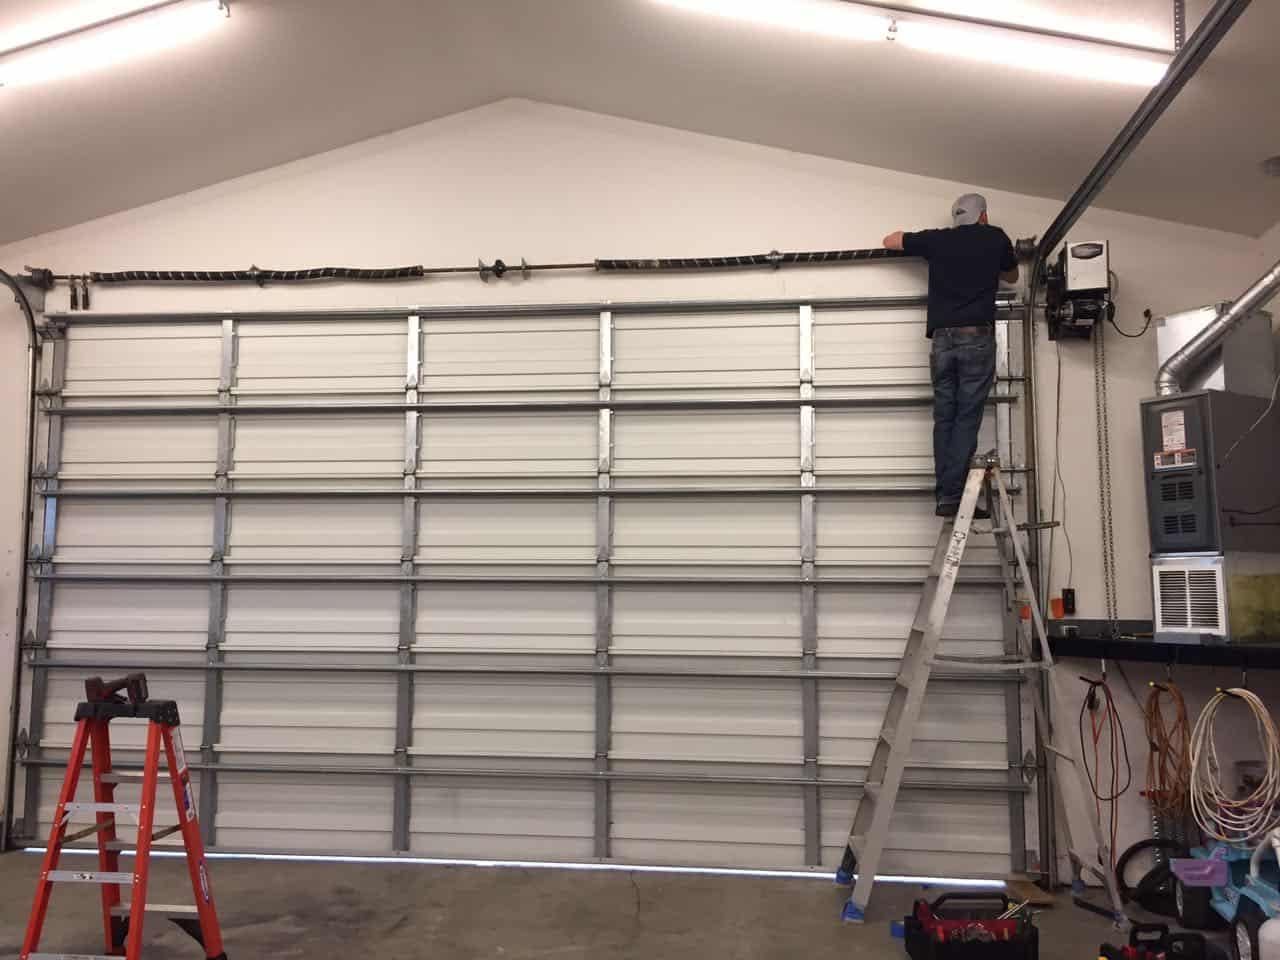 Commercial Garage Door Repair In Redford Charter Township MI By Elite® Garage Door, Repair & Installation Services